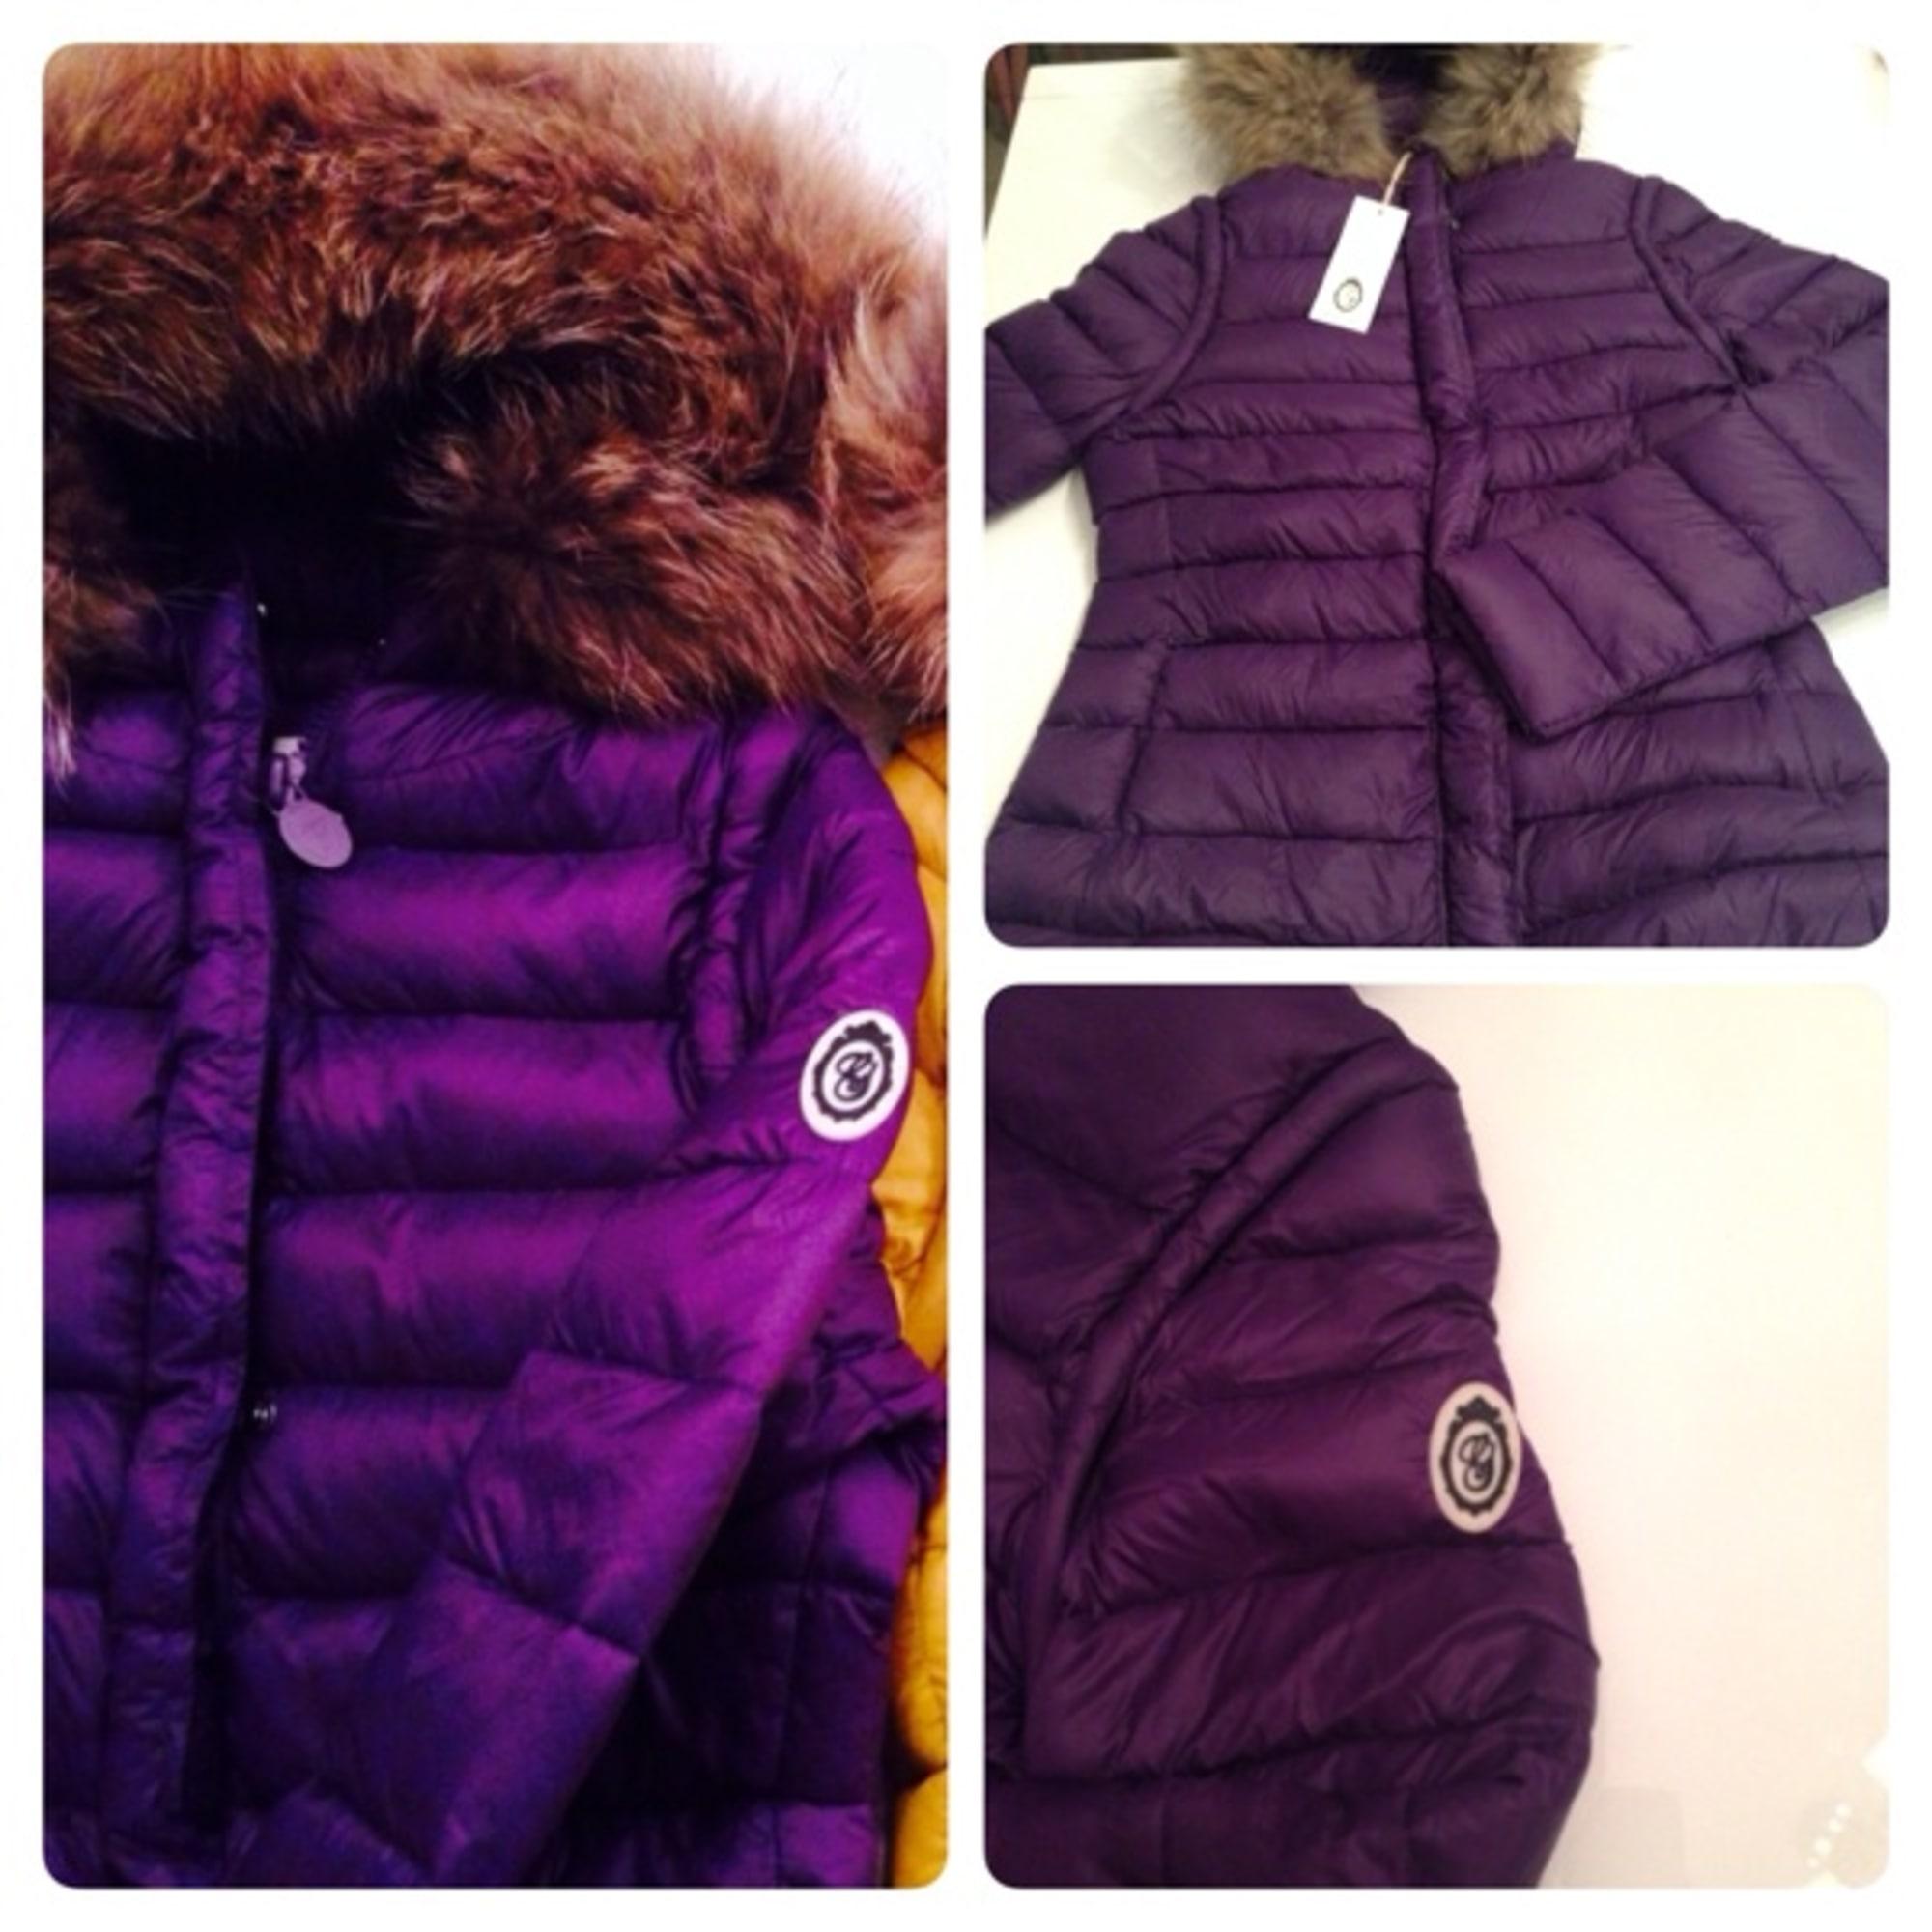 Doudoune GERTRUDE 36 (S, T1) violet vendu par Serial shoppeuse 13 ... 3e0fae613a86